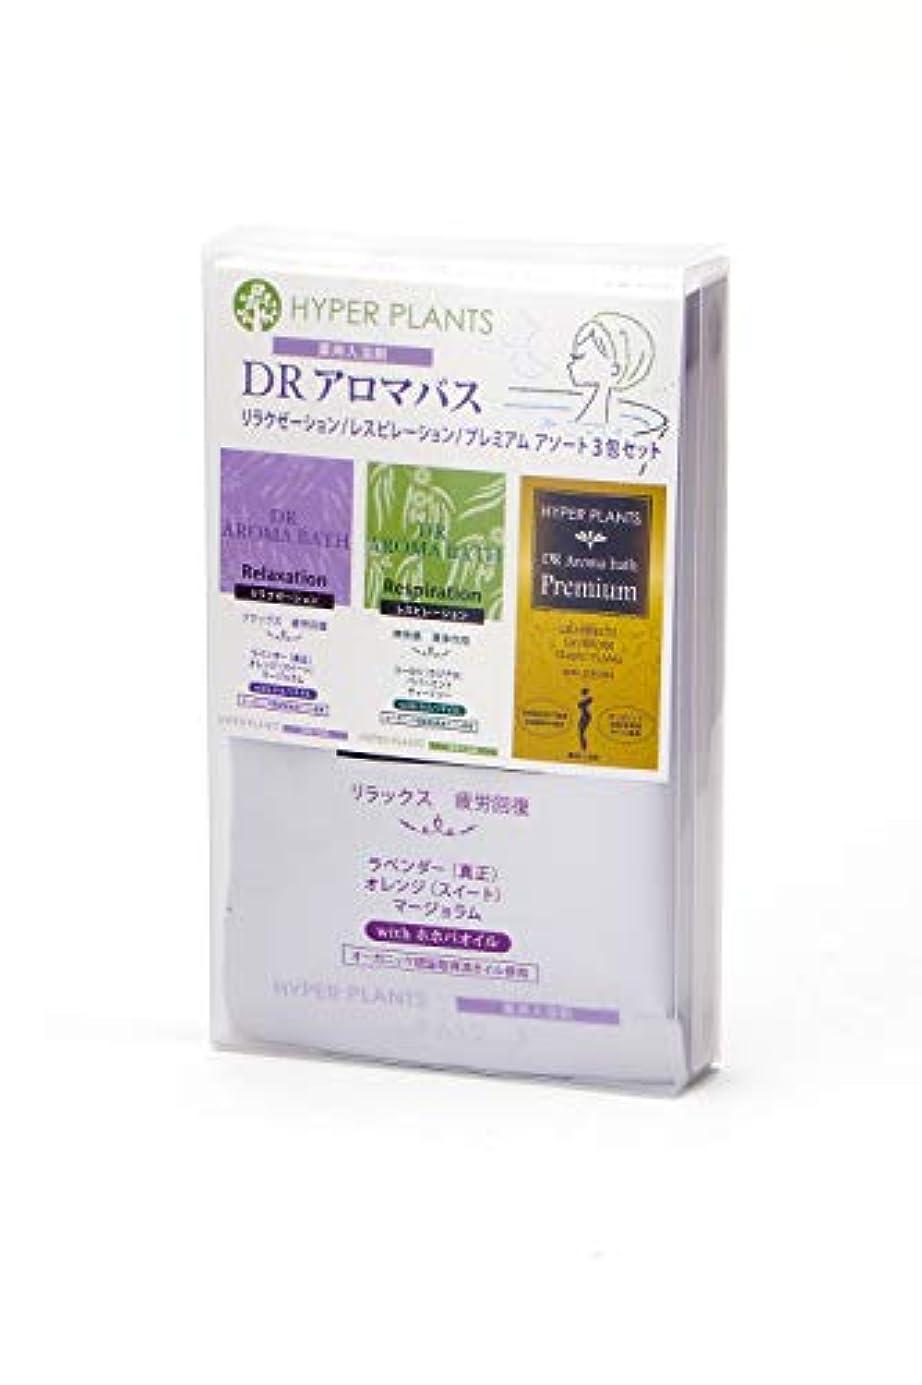 ジョグイヤホン誤解を招く医薬部外品 薬用入浴剤 ハイパープランツ DRアロマバス (リラクゼーション、レスピレーション、プレミアム) アソート3包セット